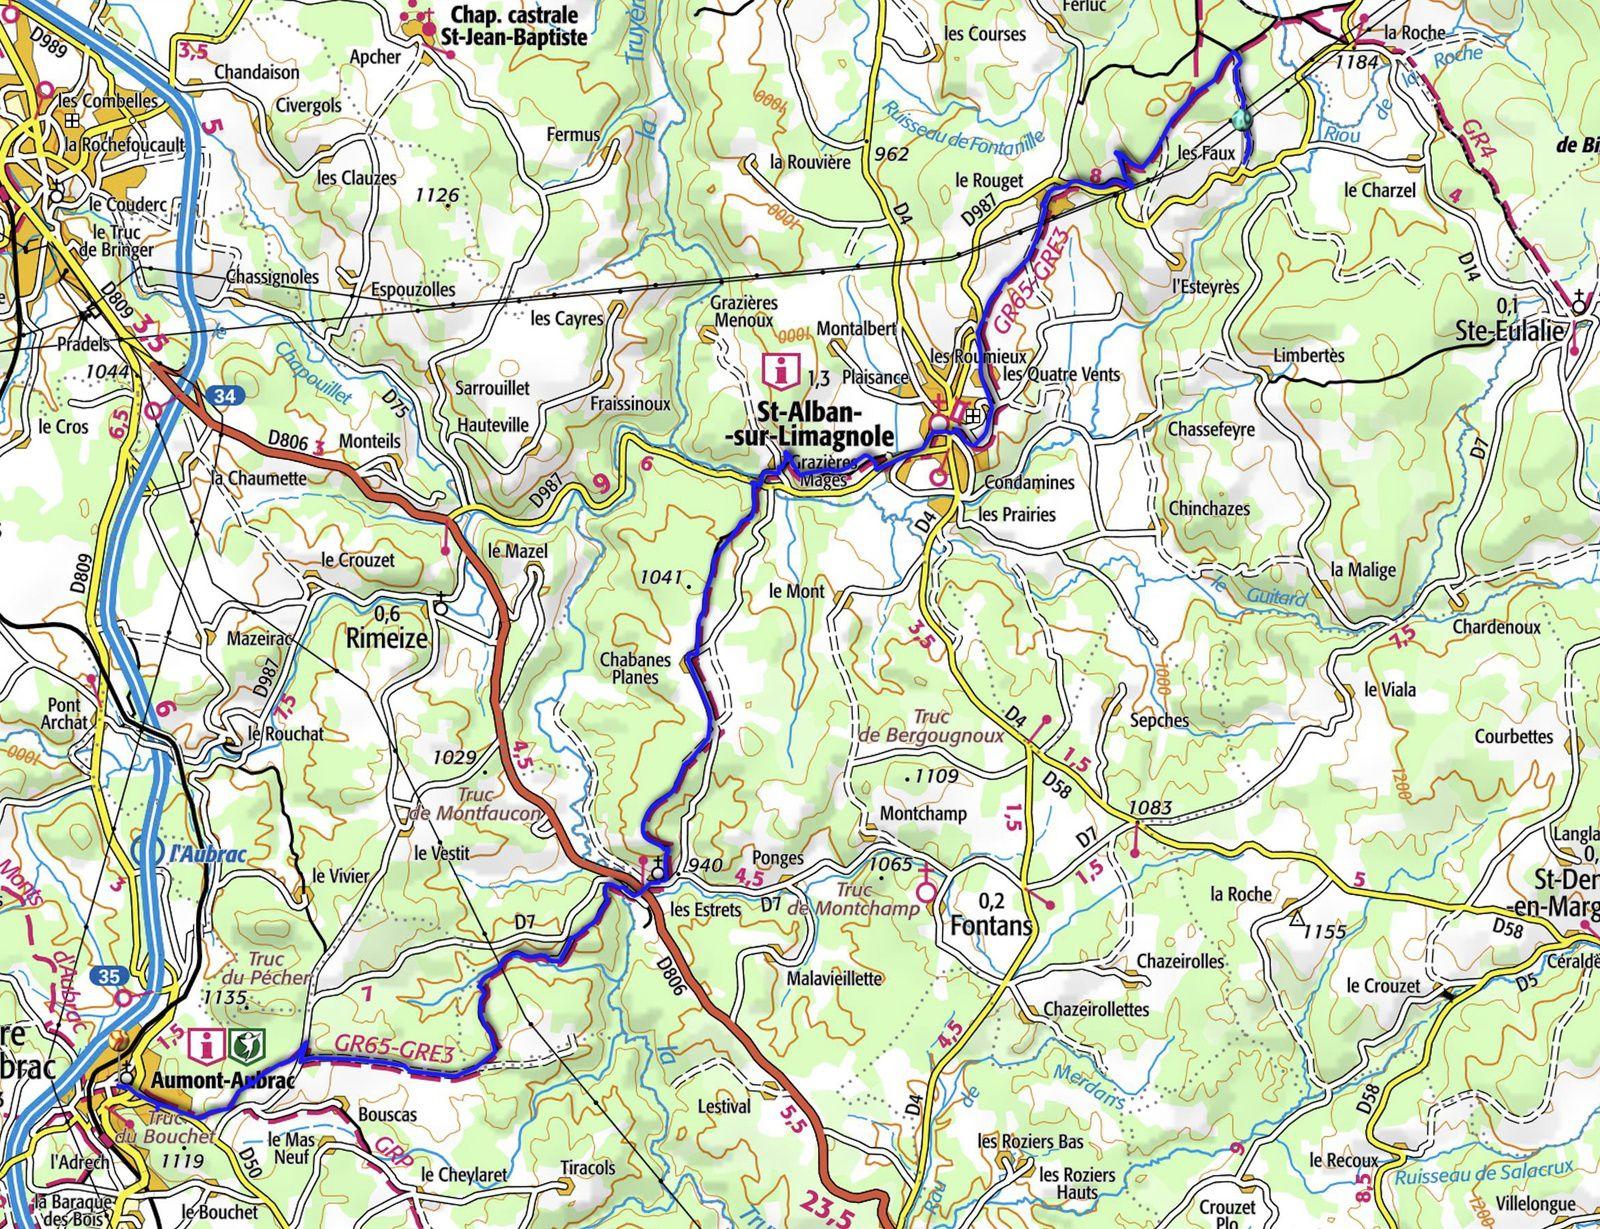 Chemin de Saint Jacques Les Faux->Aumont-Aubrac, 21 km.